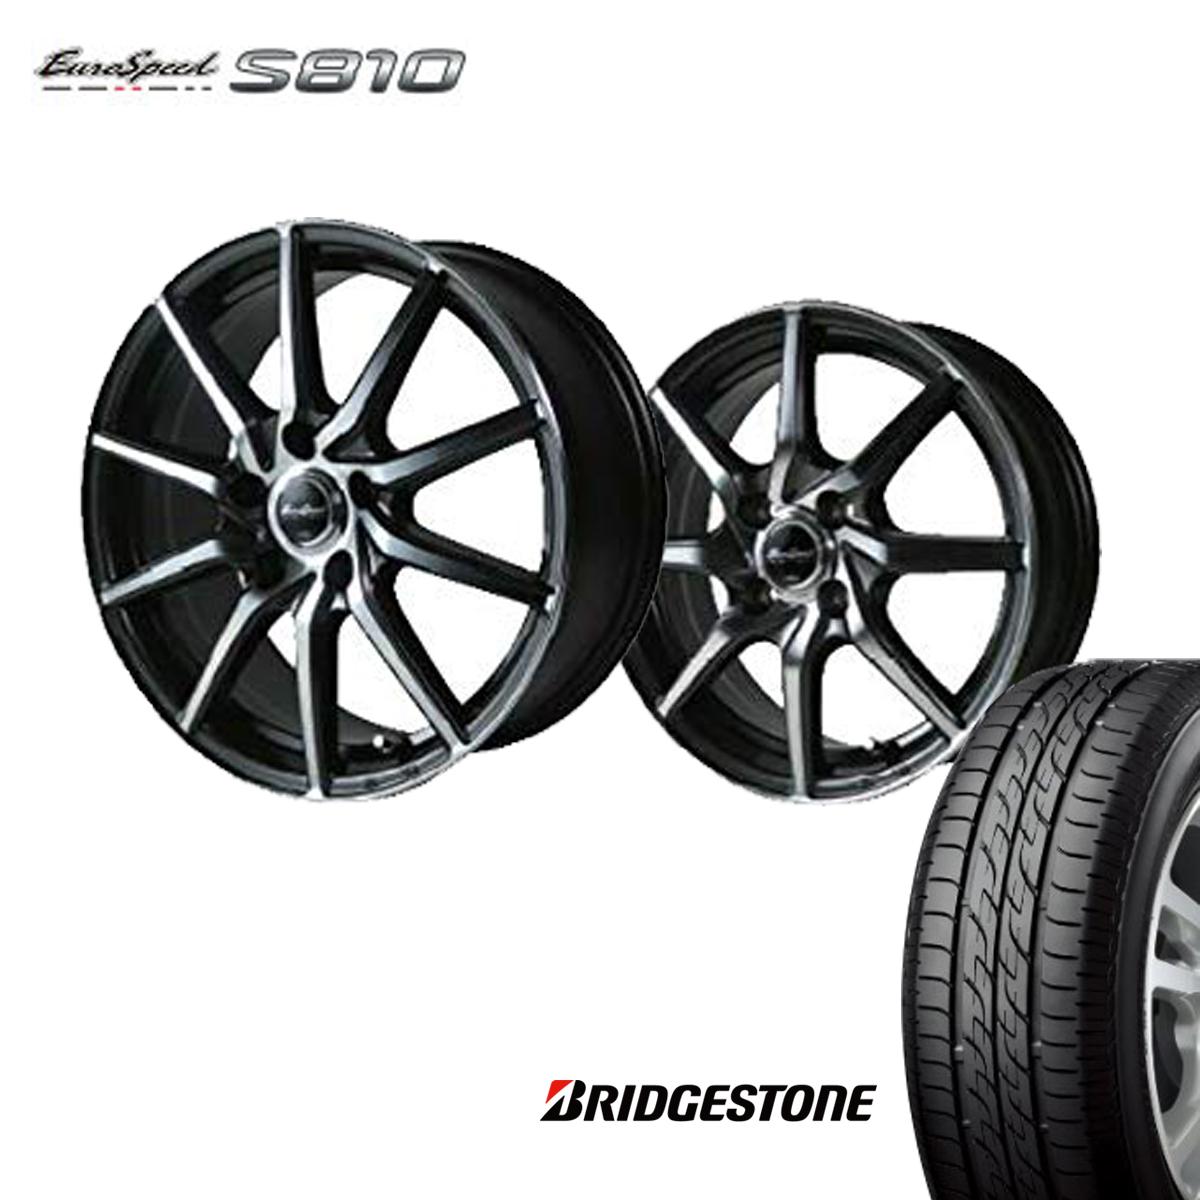 Euro Speed S810 タイヤ ホイール セット 4本 14インチ 4H100 4.5J+45 ユーロスピード S810 マナレイ スポーツ ブリヂストン 165/55R14 165 55 14